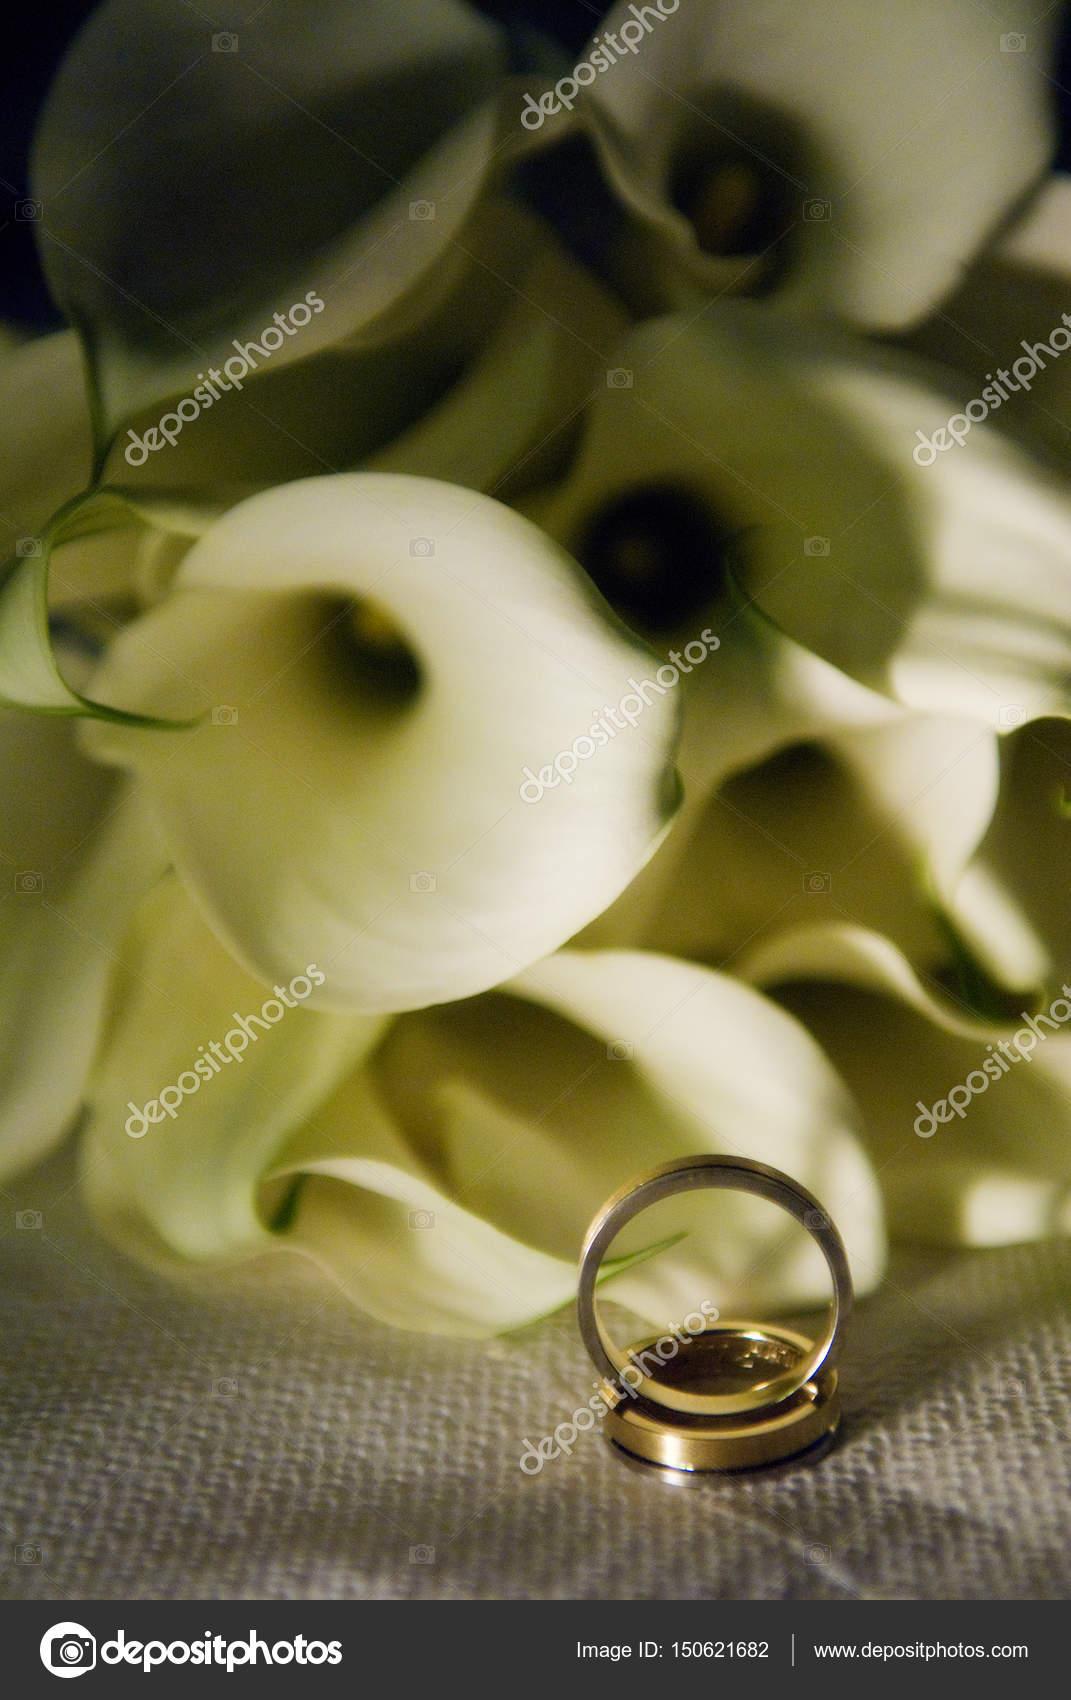 Hochzeit Ringe Und Blumen Stockfoto C Ioanna Fotiadou Yahoo Gr